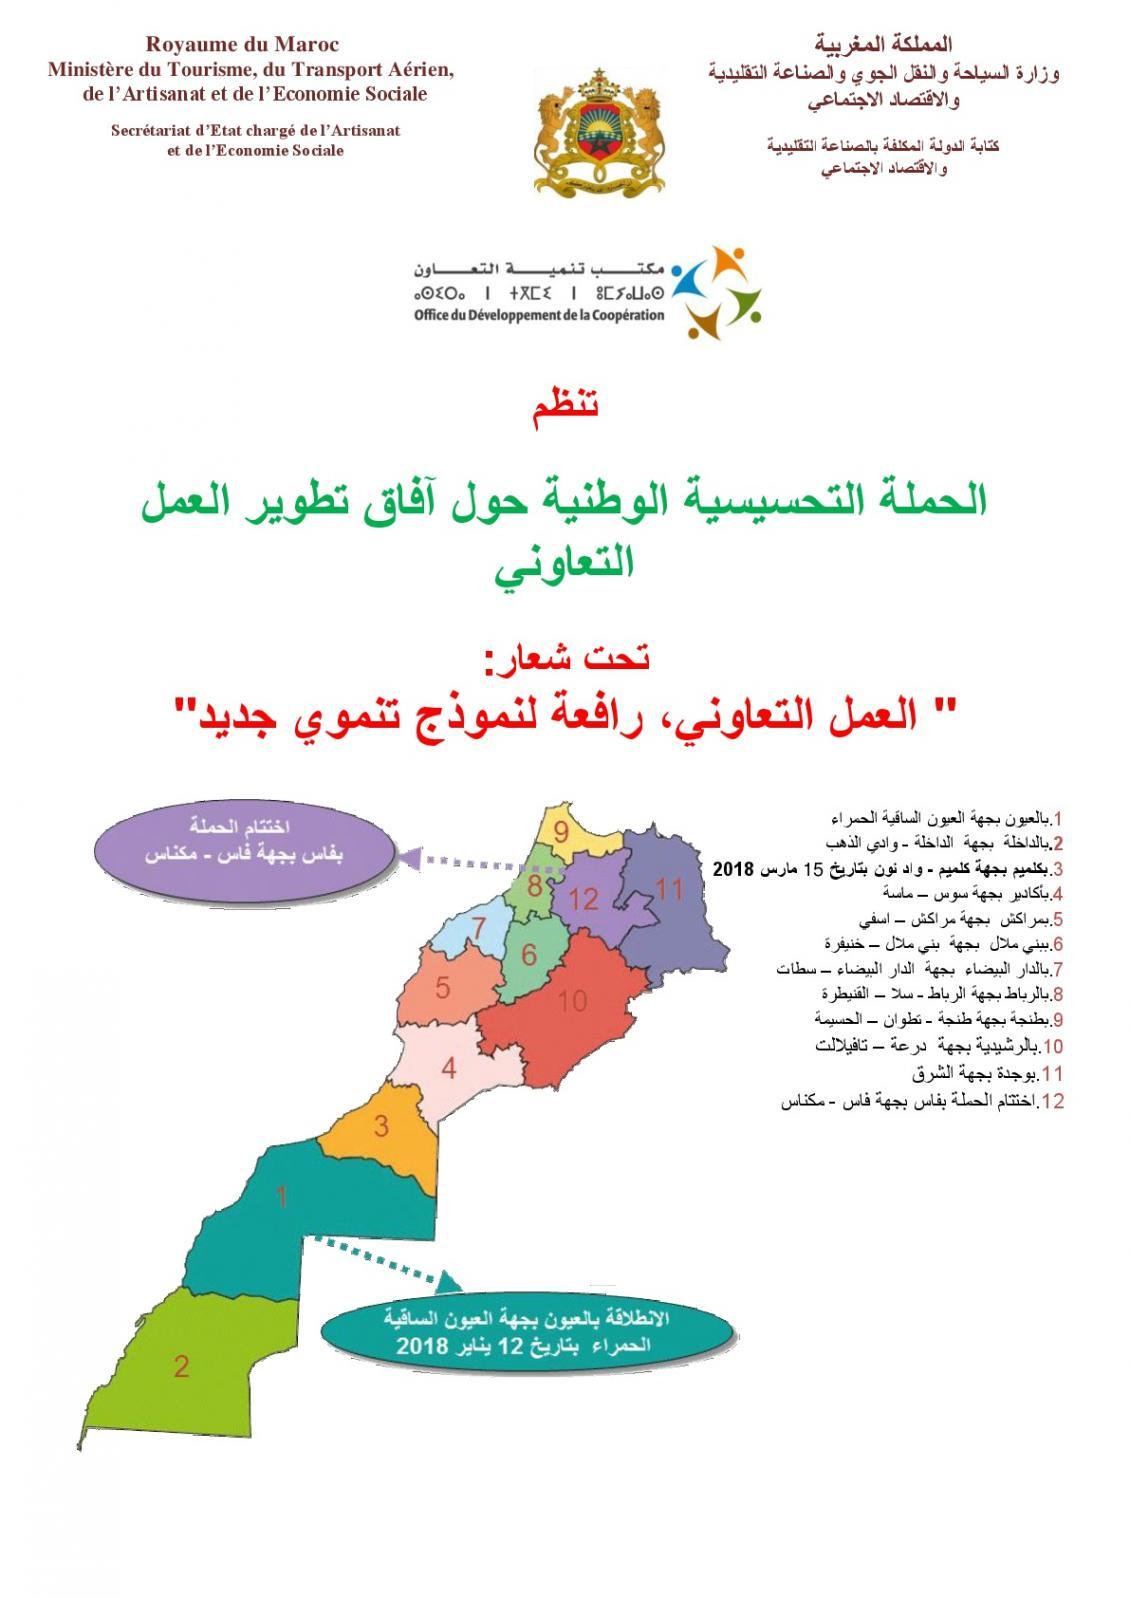 Guelmim 15 mars 2018: campagne de sensibilisation nationale sur les perspectives de développement de l'action coopérative, sous le thème « l'action coopérative, un levier pour un nouveau modèle de développement ».